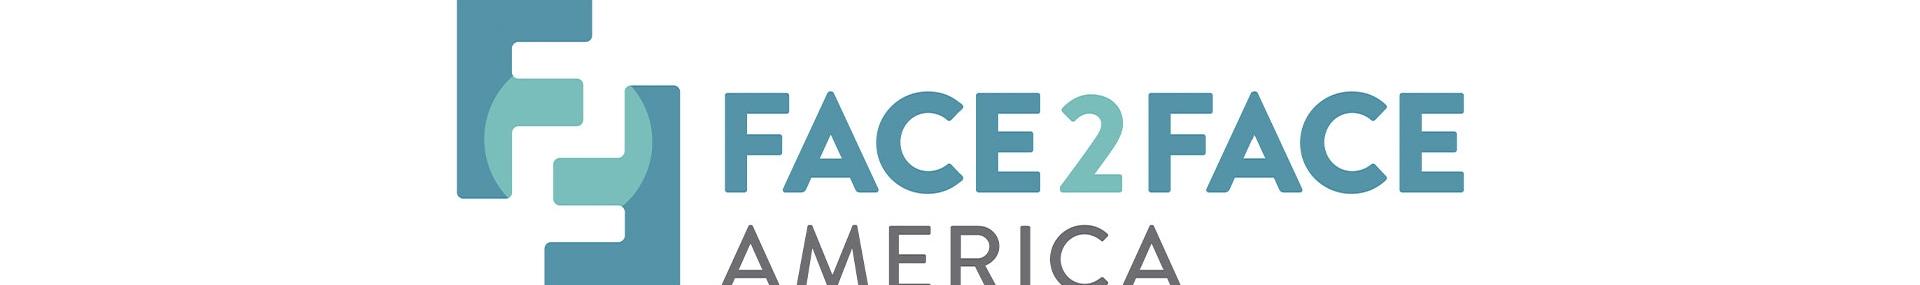 Face2Face America